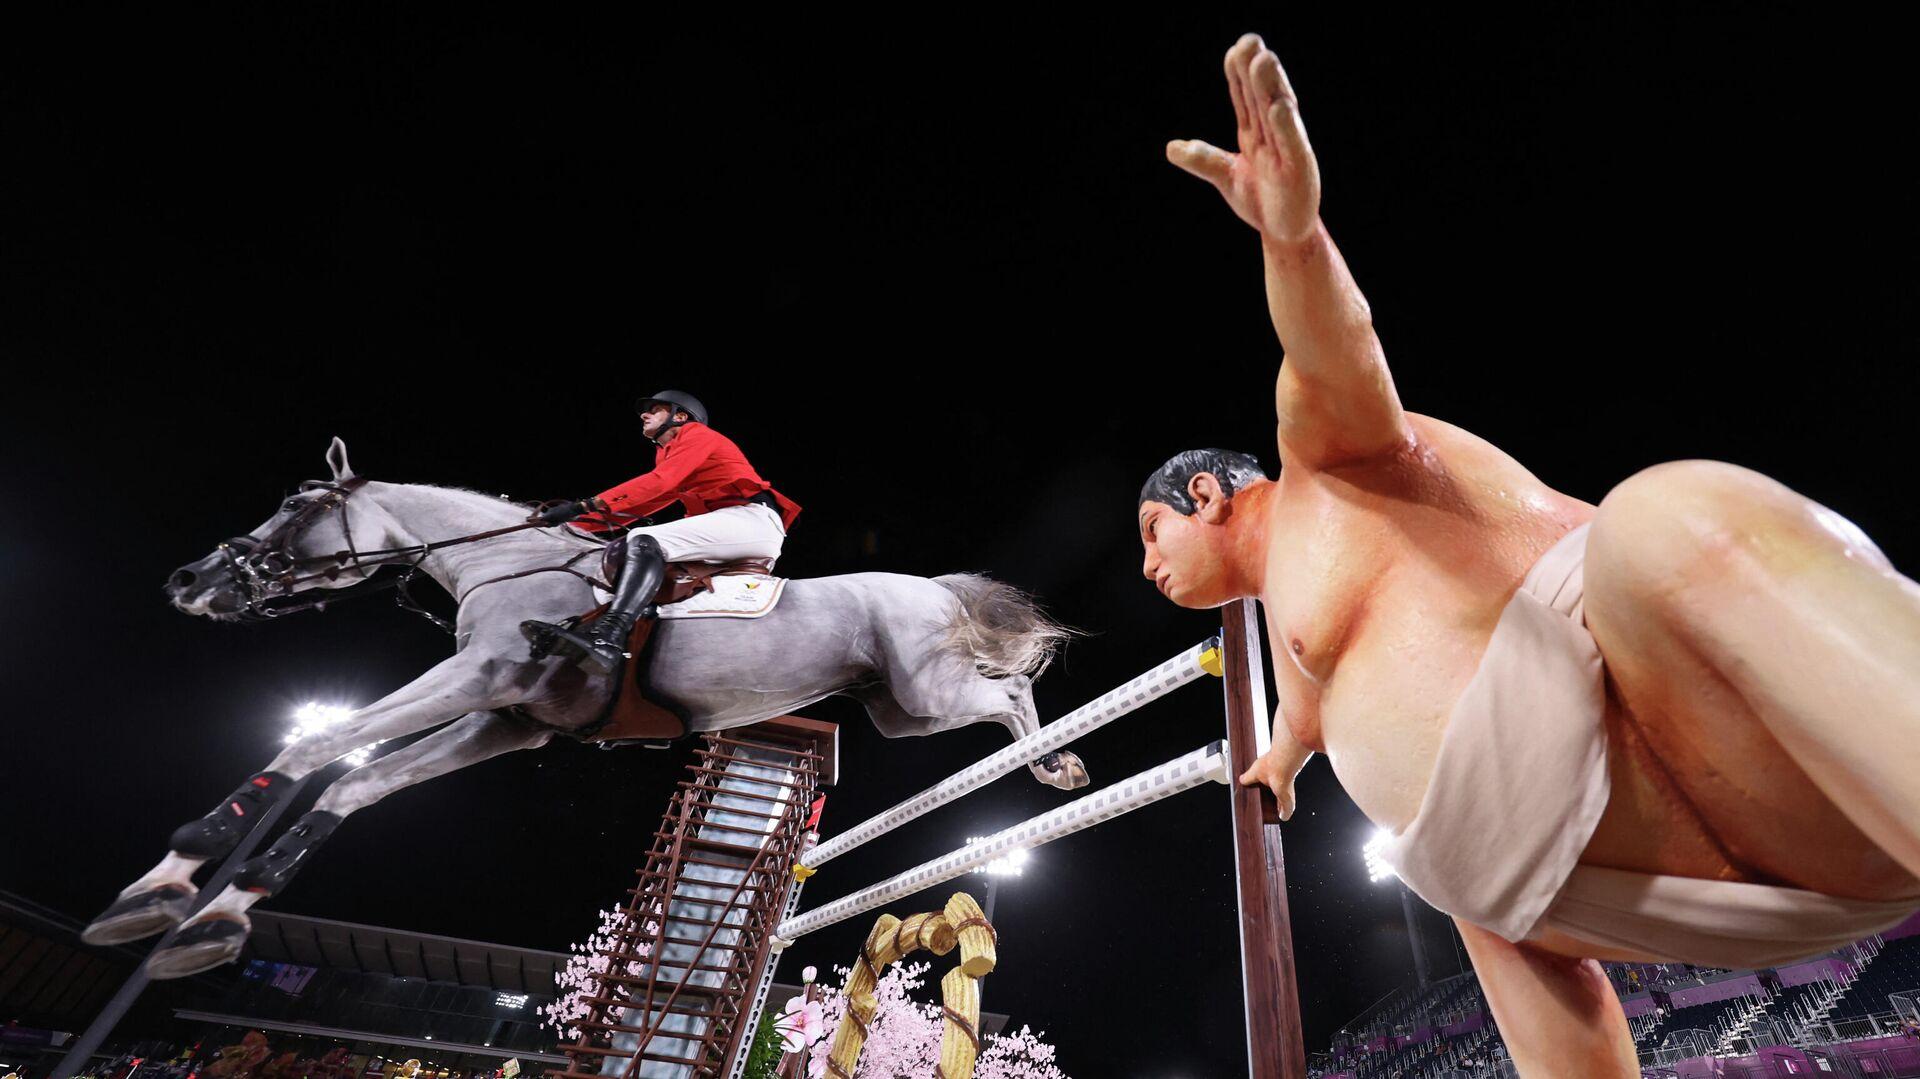 Статуя сумоиста на Олимпиаде в Токио - РИА Новости, 1920, 05.08.2021